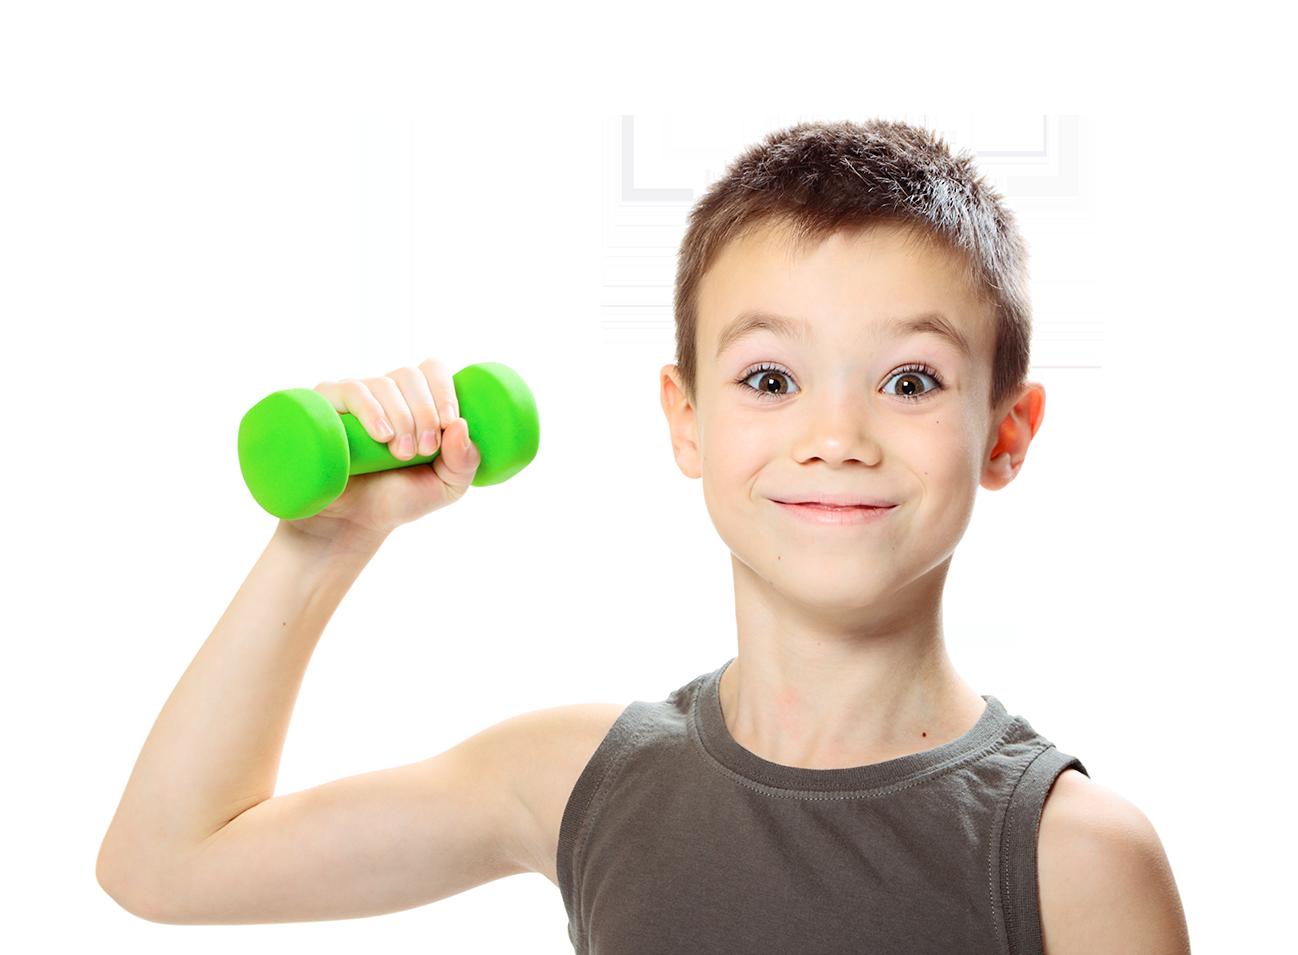 gimnasio de entrenamiento funcional para niños irun gipuzkoa